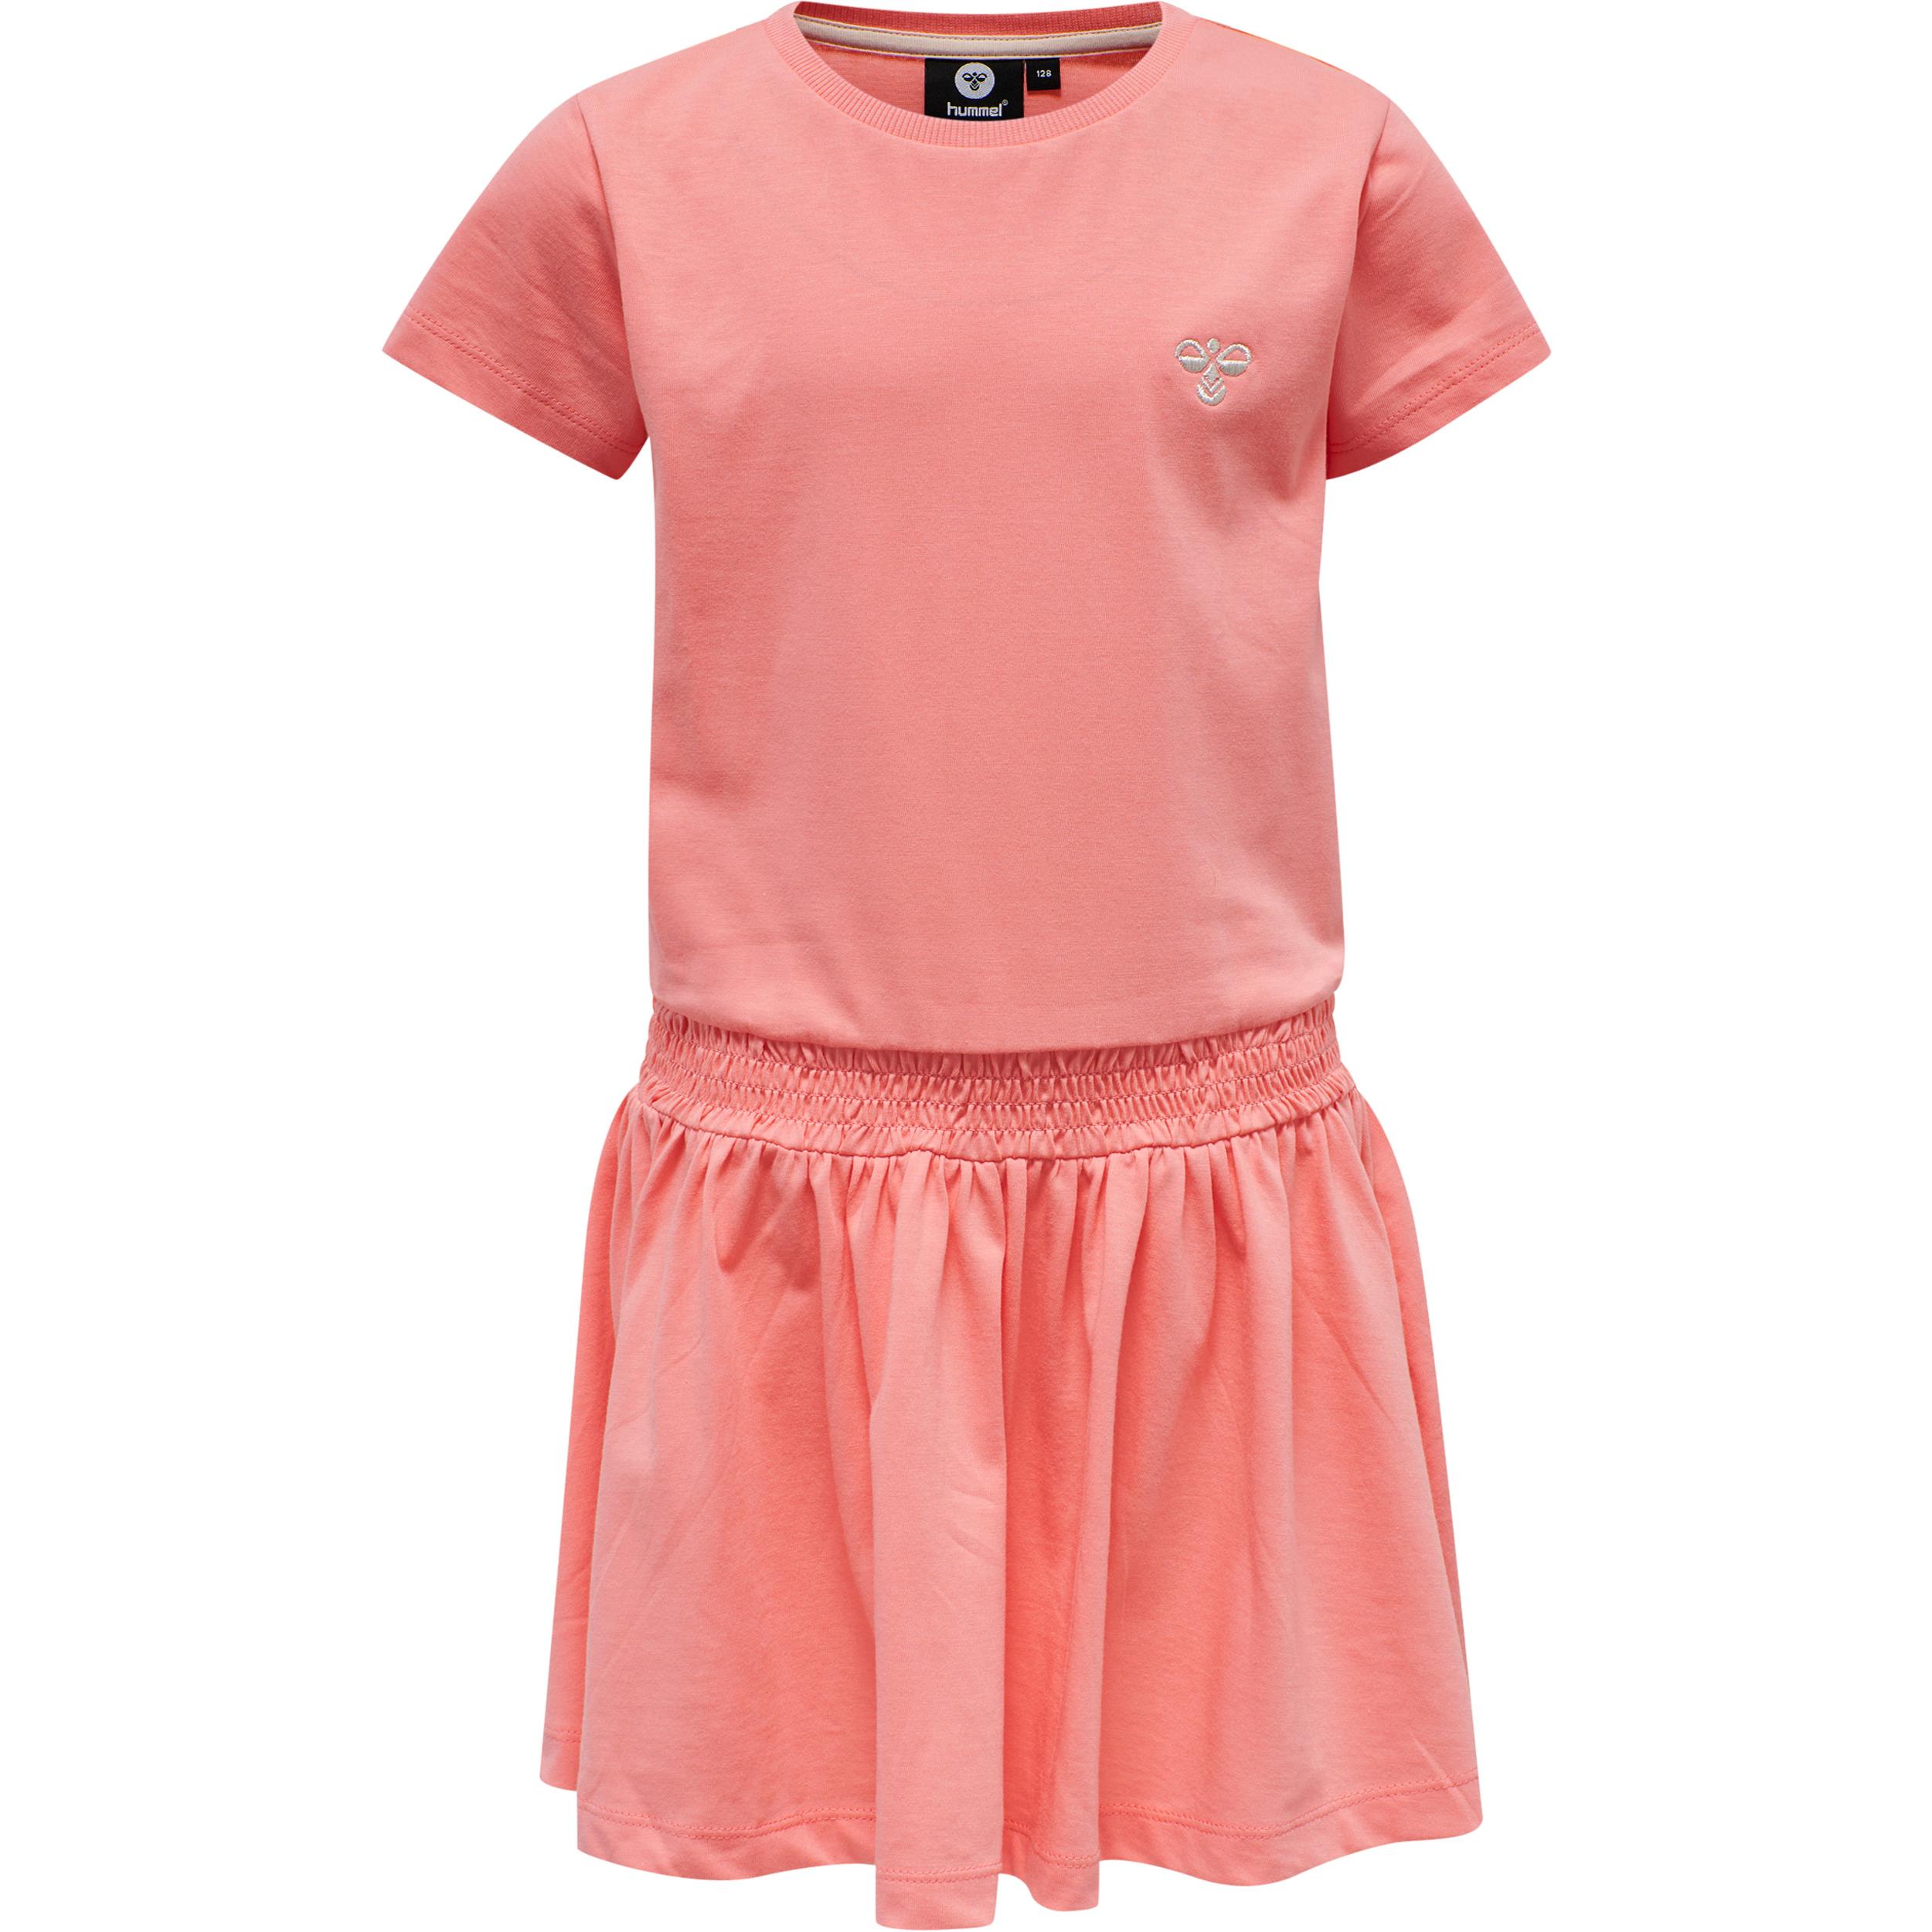 Hummel Summer SS kjole, Shell pink, 122